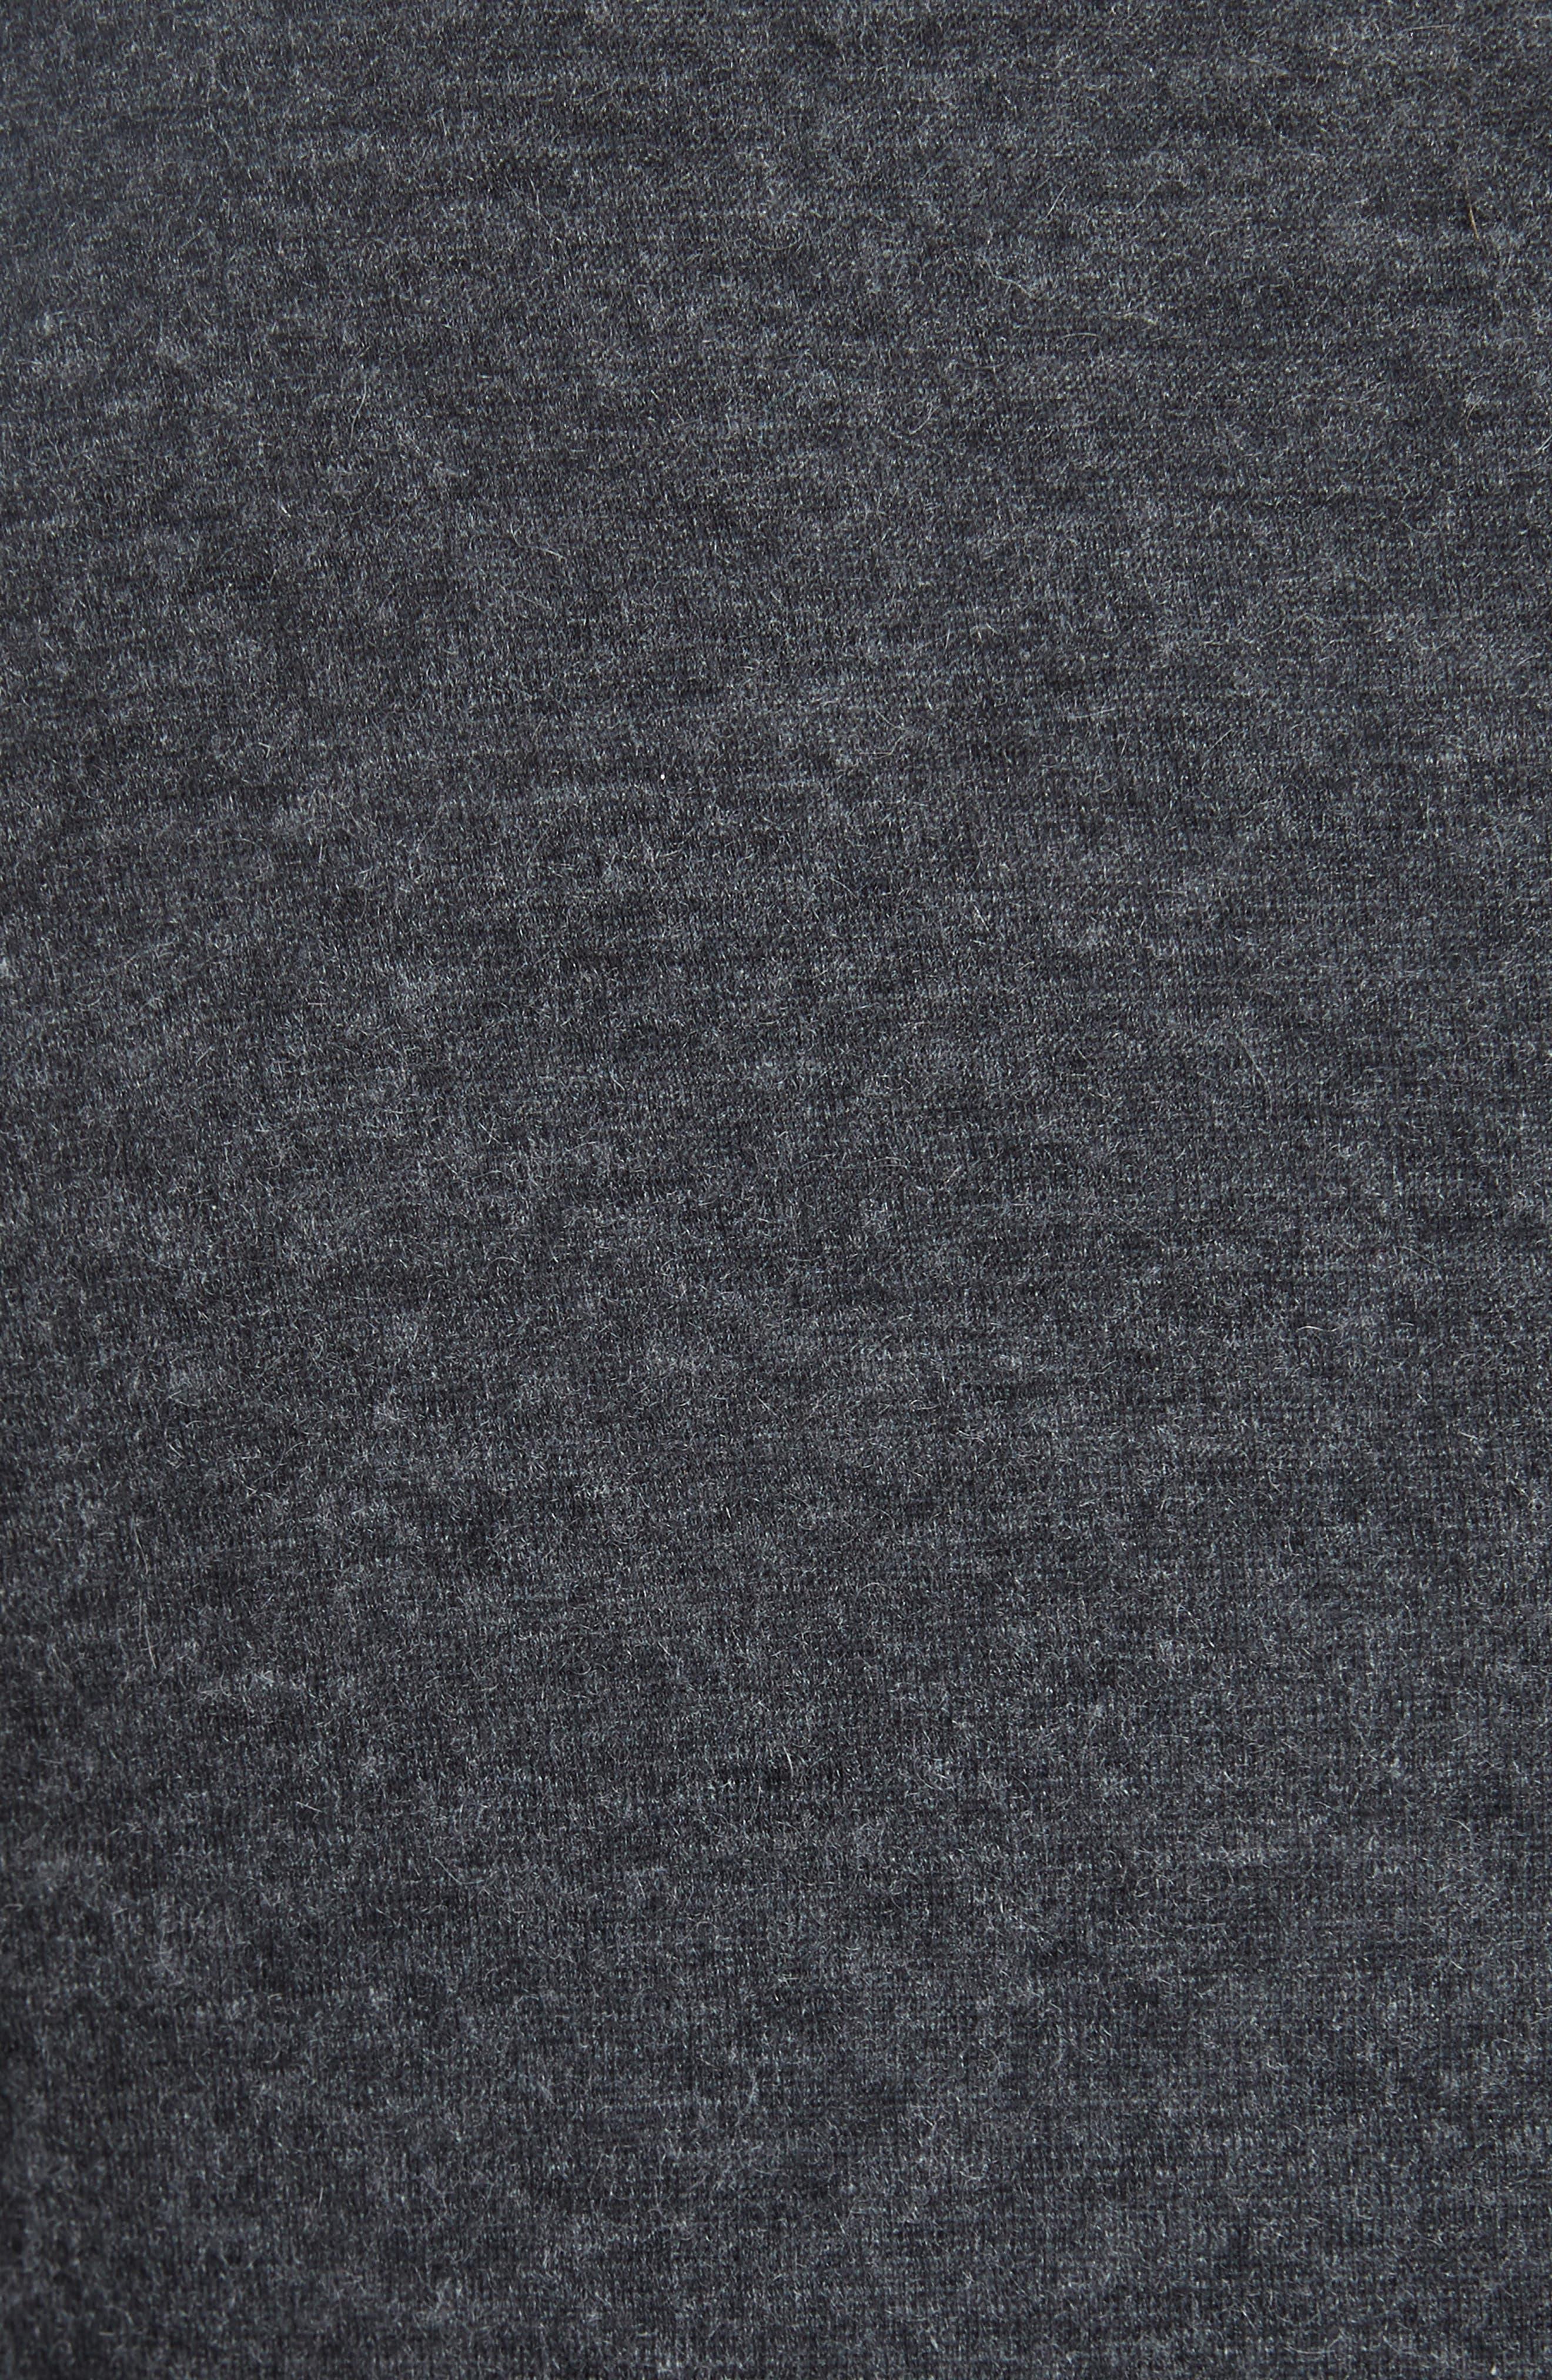 Cotton & Cashmere Blazer,                             Alternate thumbnail 6, color,                             ANTHRACITE CH/ GRIS CH